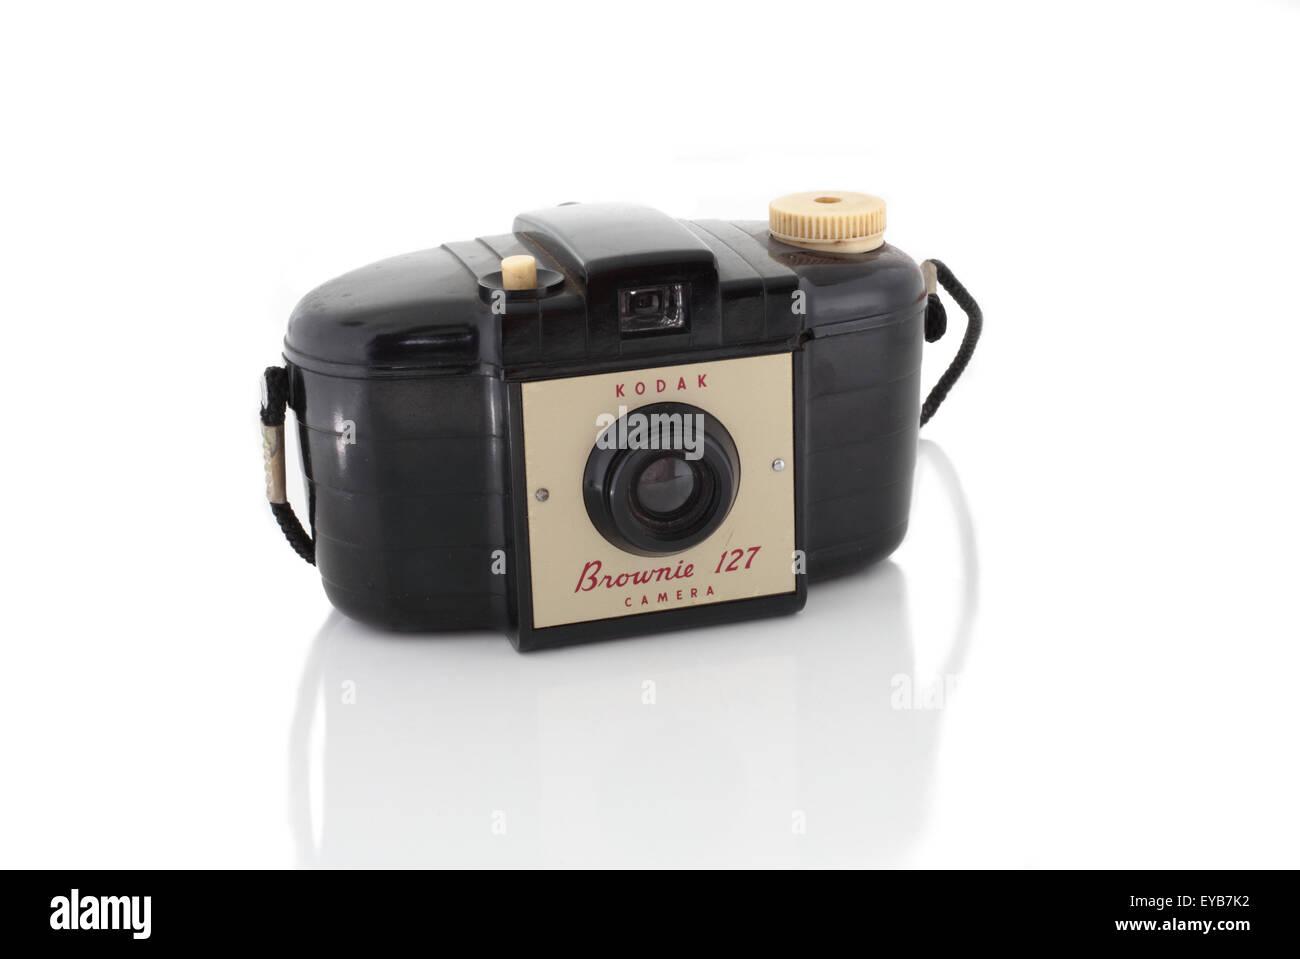 Very old Kodak Brownie camera - Stock Image